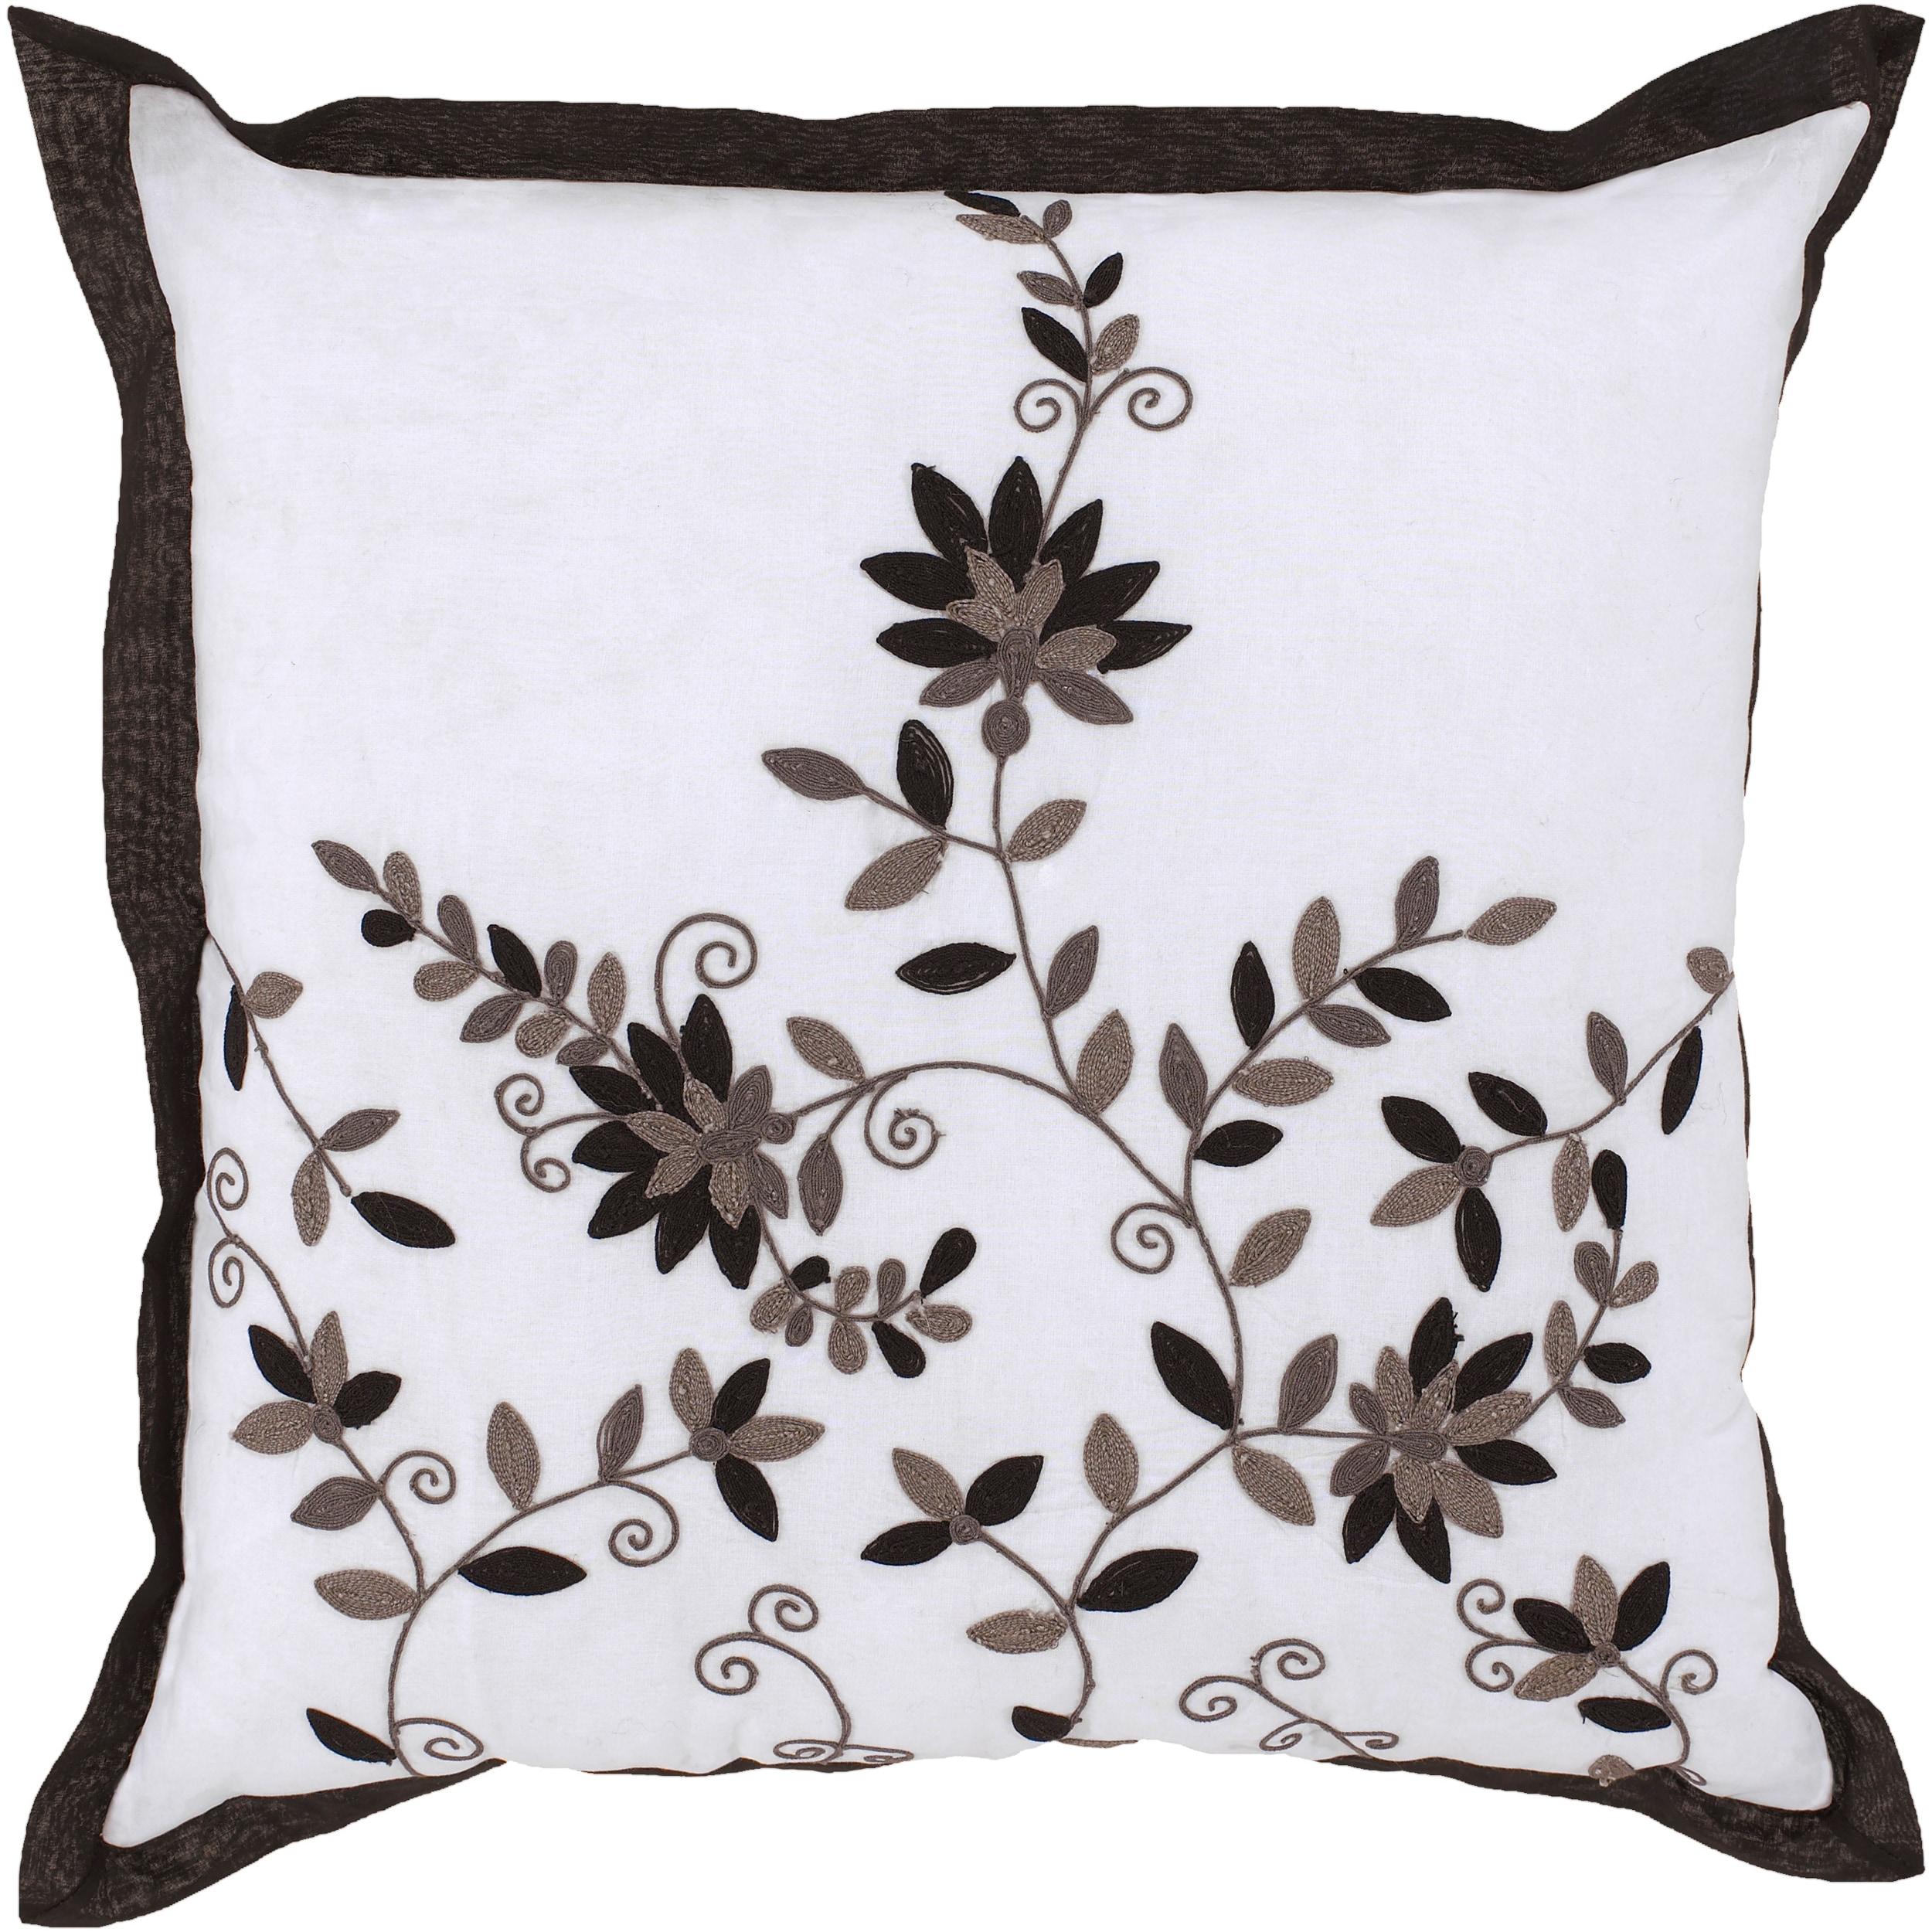 Beil White/ Black Floral Decorative Pillow